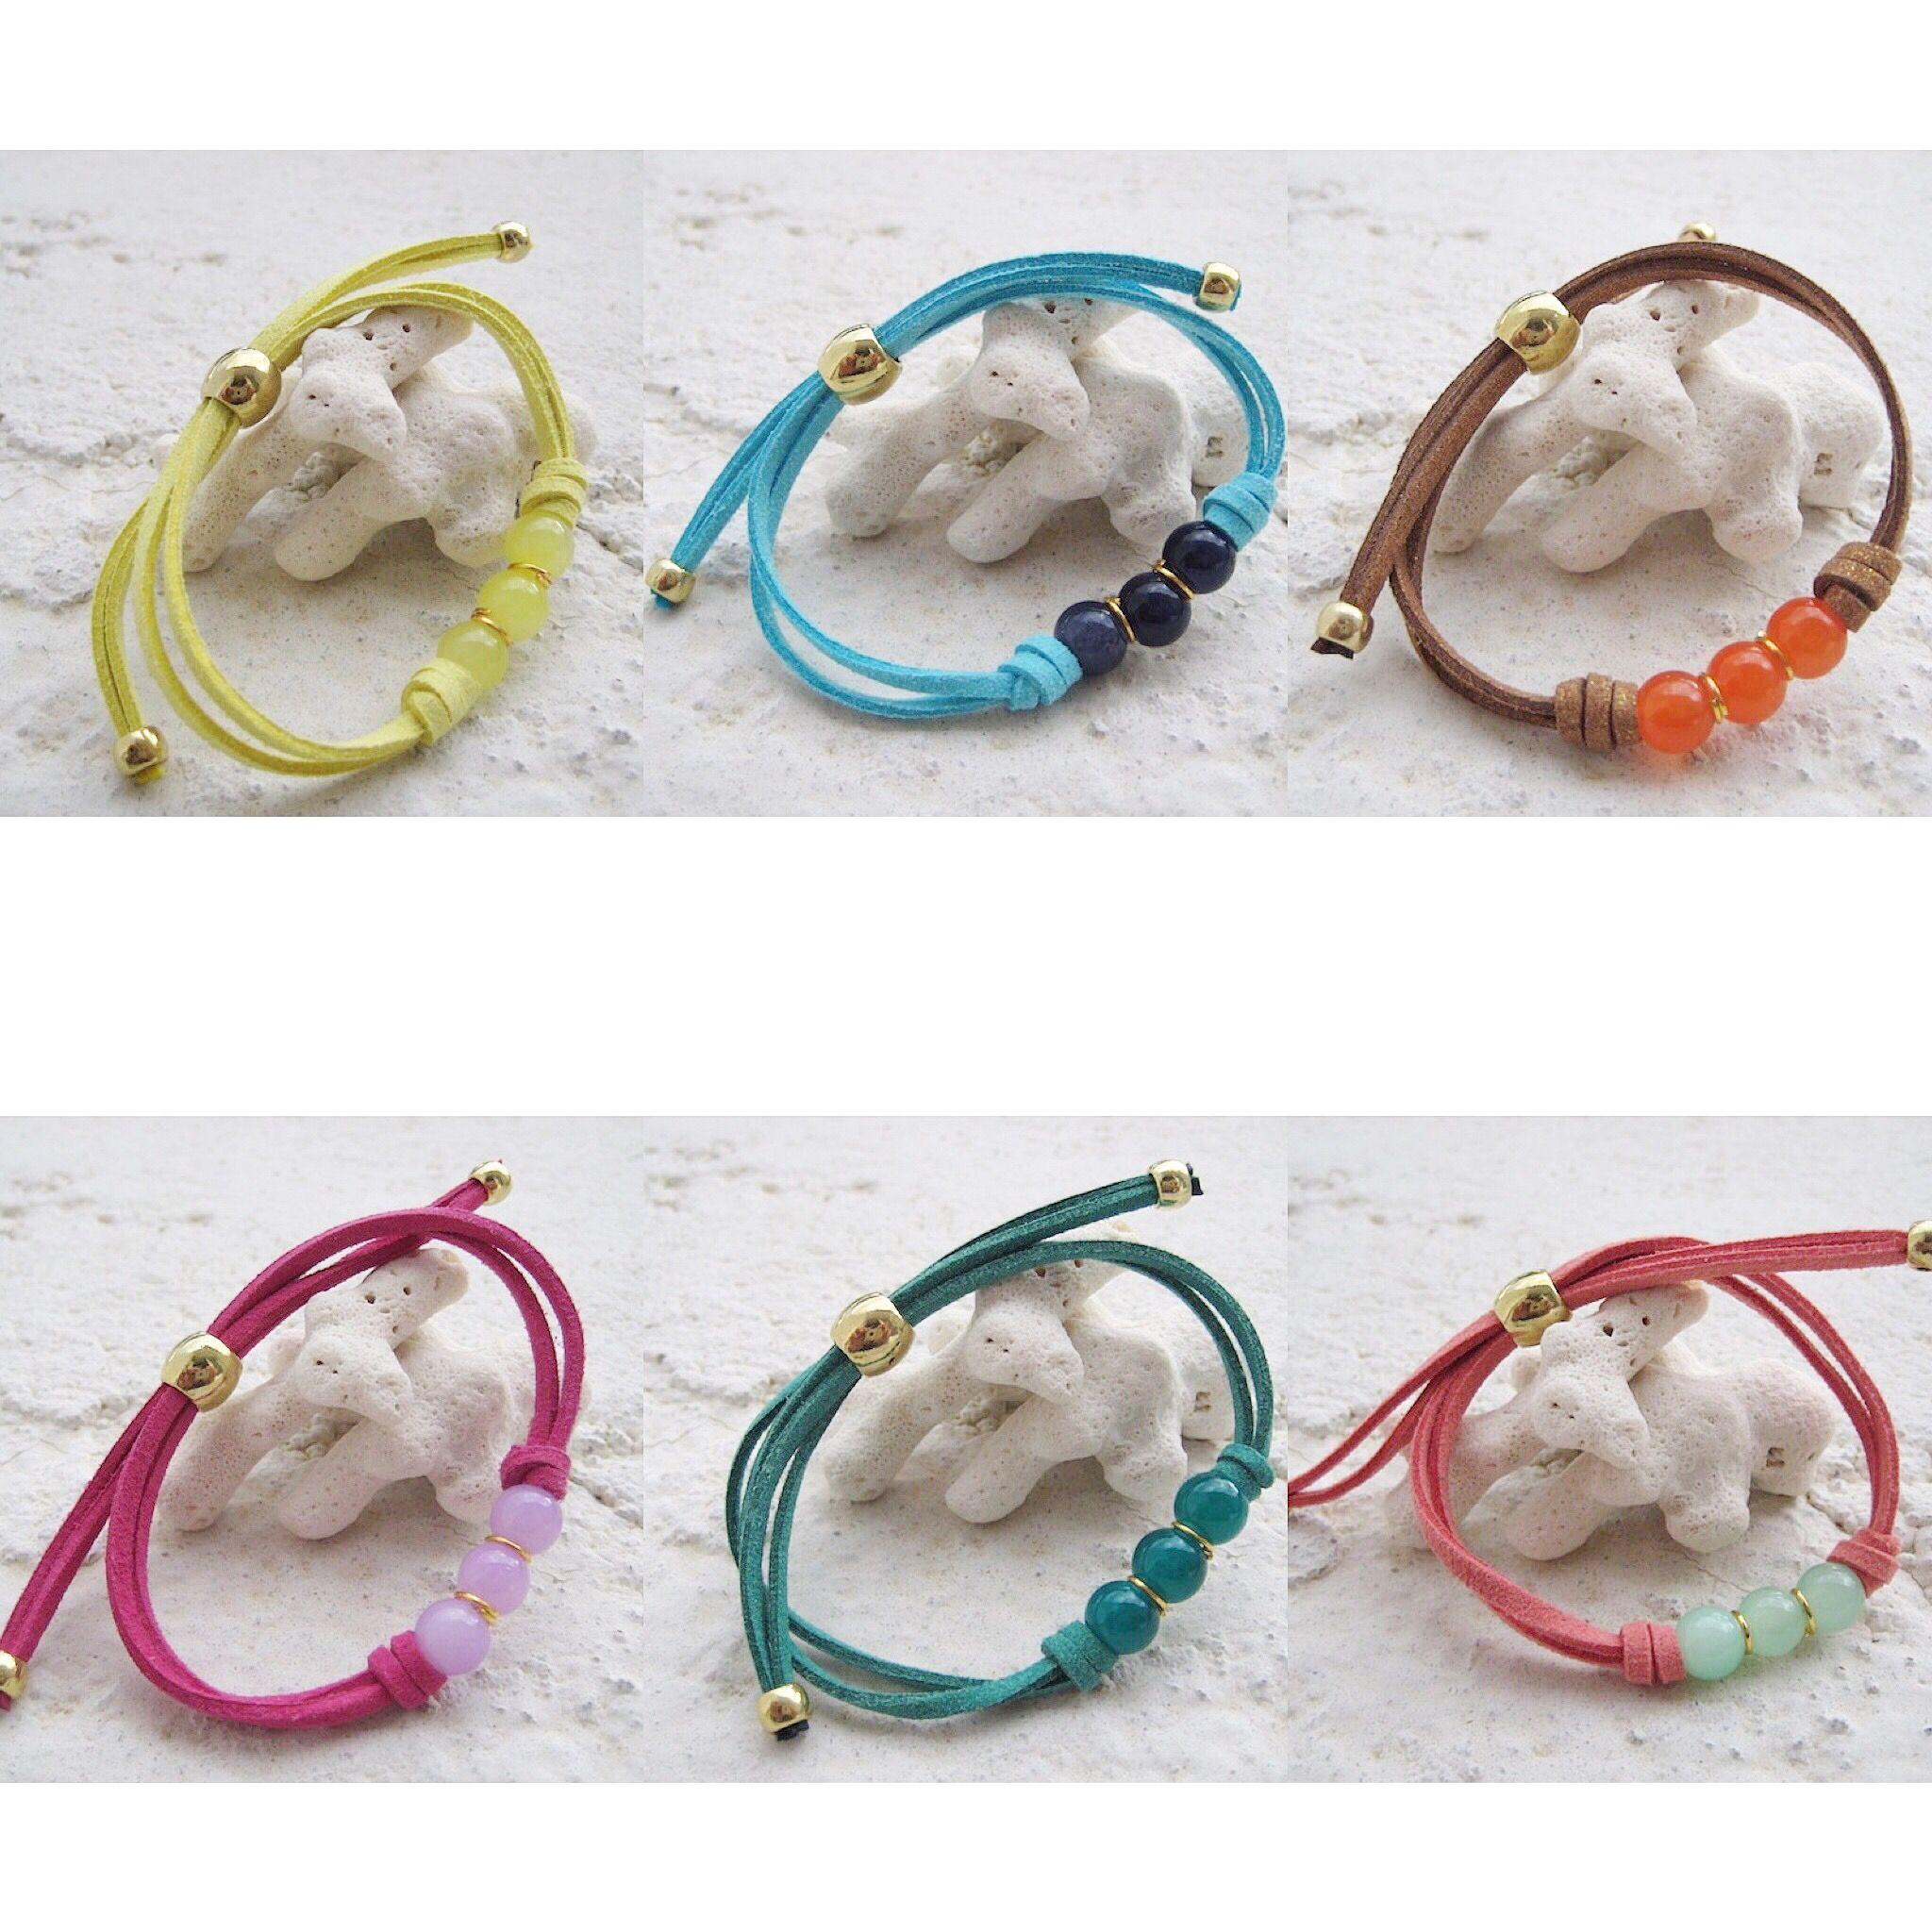 --- www.shopmatahari.com --- Pulsera básica de colores // Bracelets basic colors